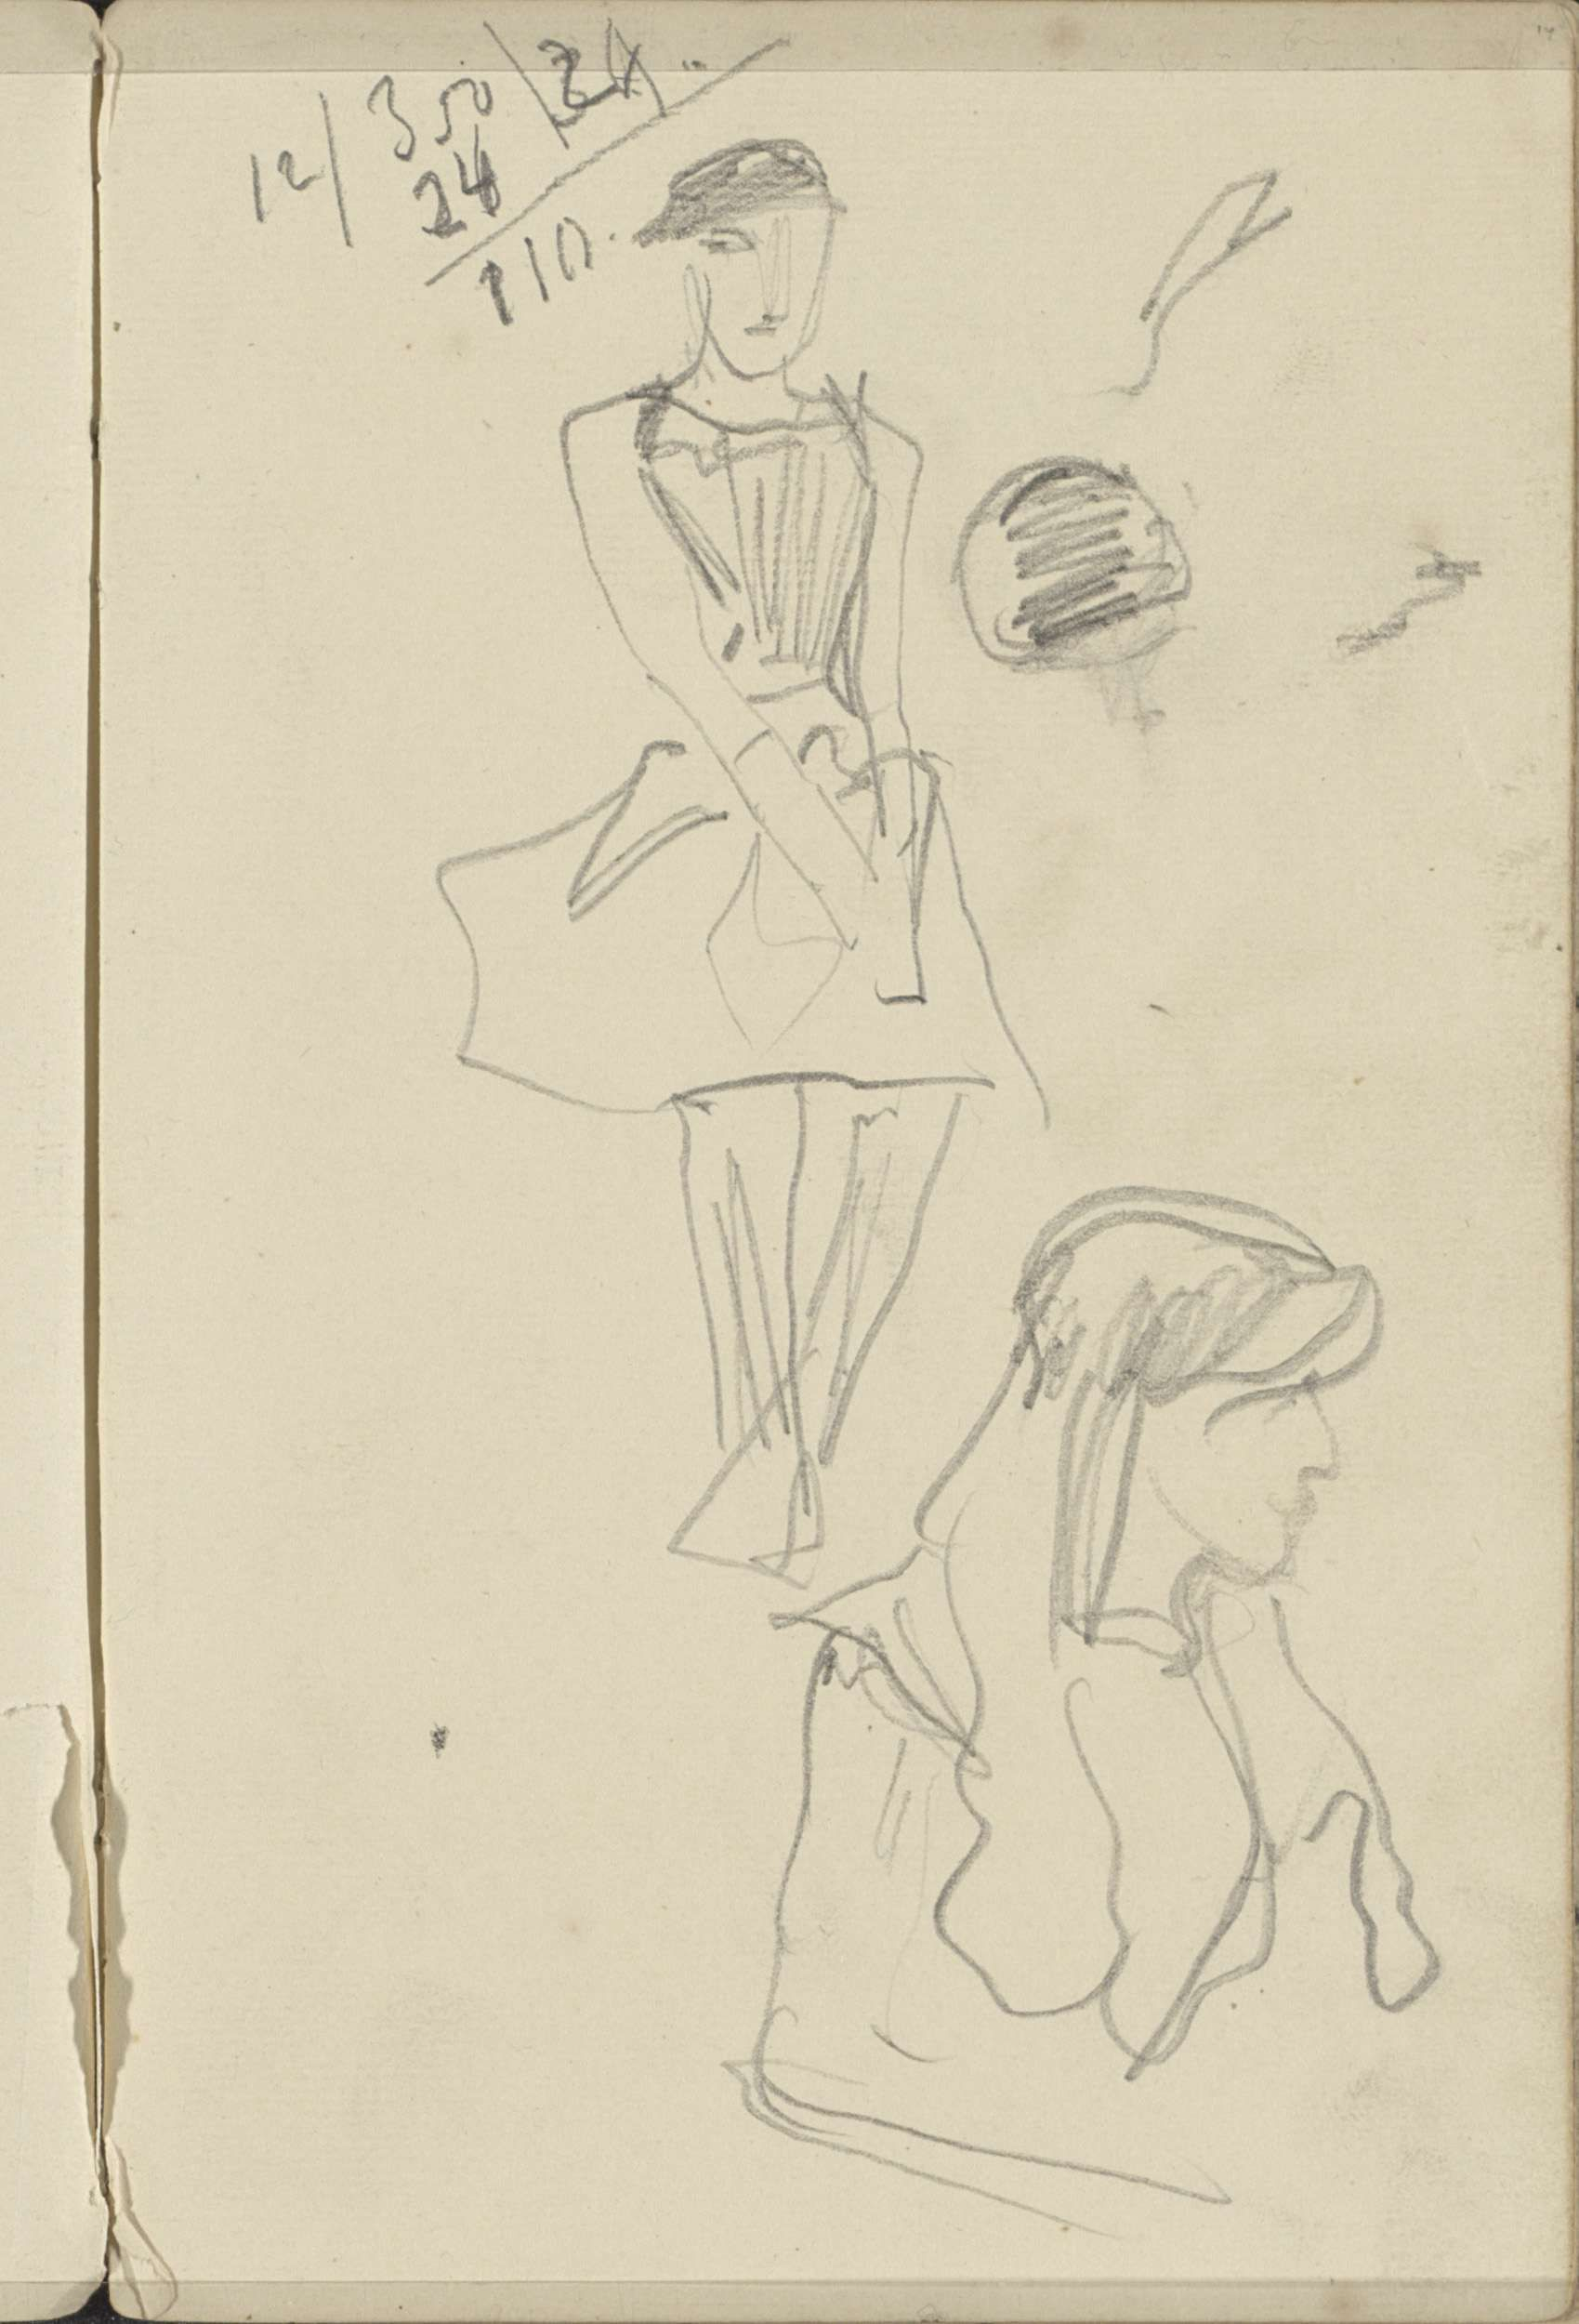 George Hendrik Breitner | Meisjes, mogelijk ballerina's, George Hendrik Breitner, 1884 - 1886 | Pagina 14 uit een schetsboek met 19 bladen.